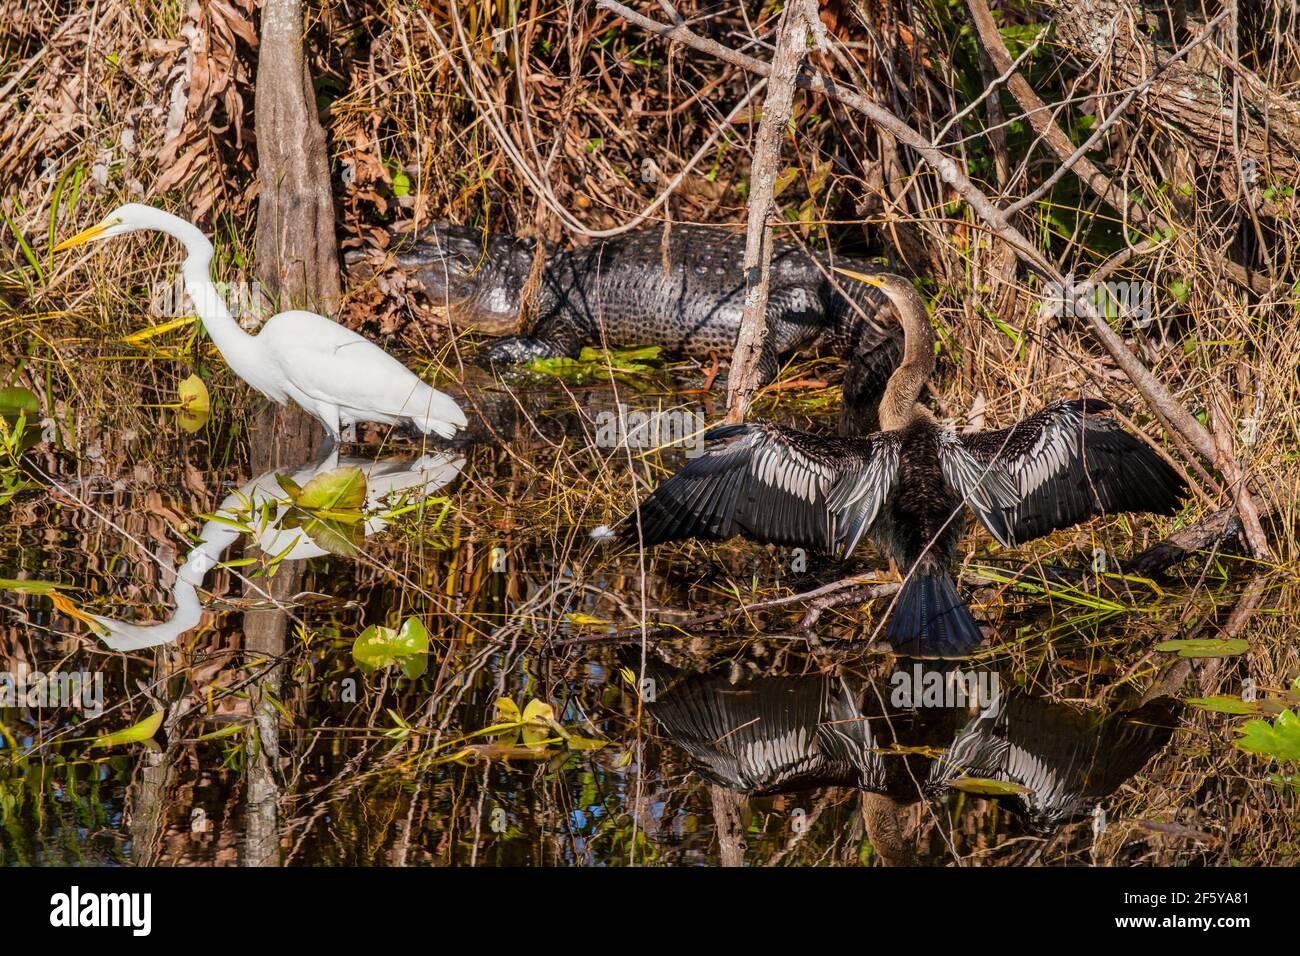 Great Egrets, Anhinga e un alligatore costituiscono una scena faunistica che include i loro riflessi nella Shark Valley nel Parco Nazionale delle Everglades in Florida. Foto Stock